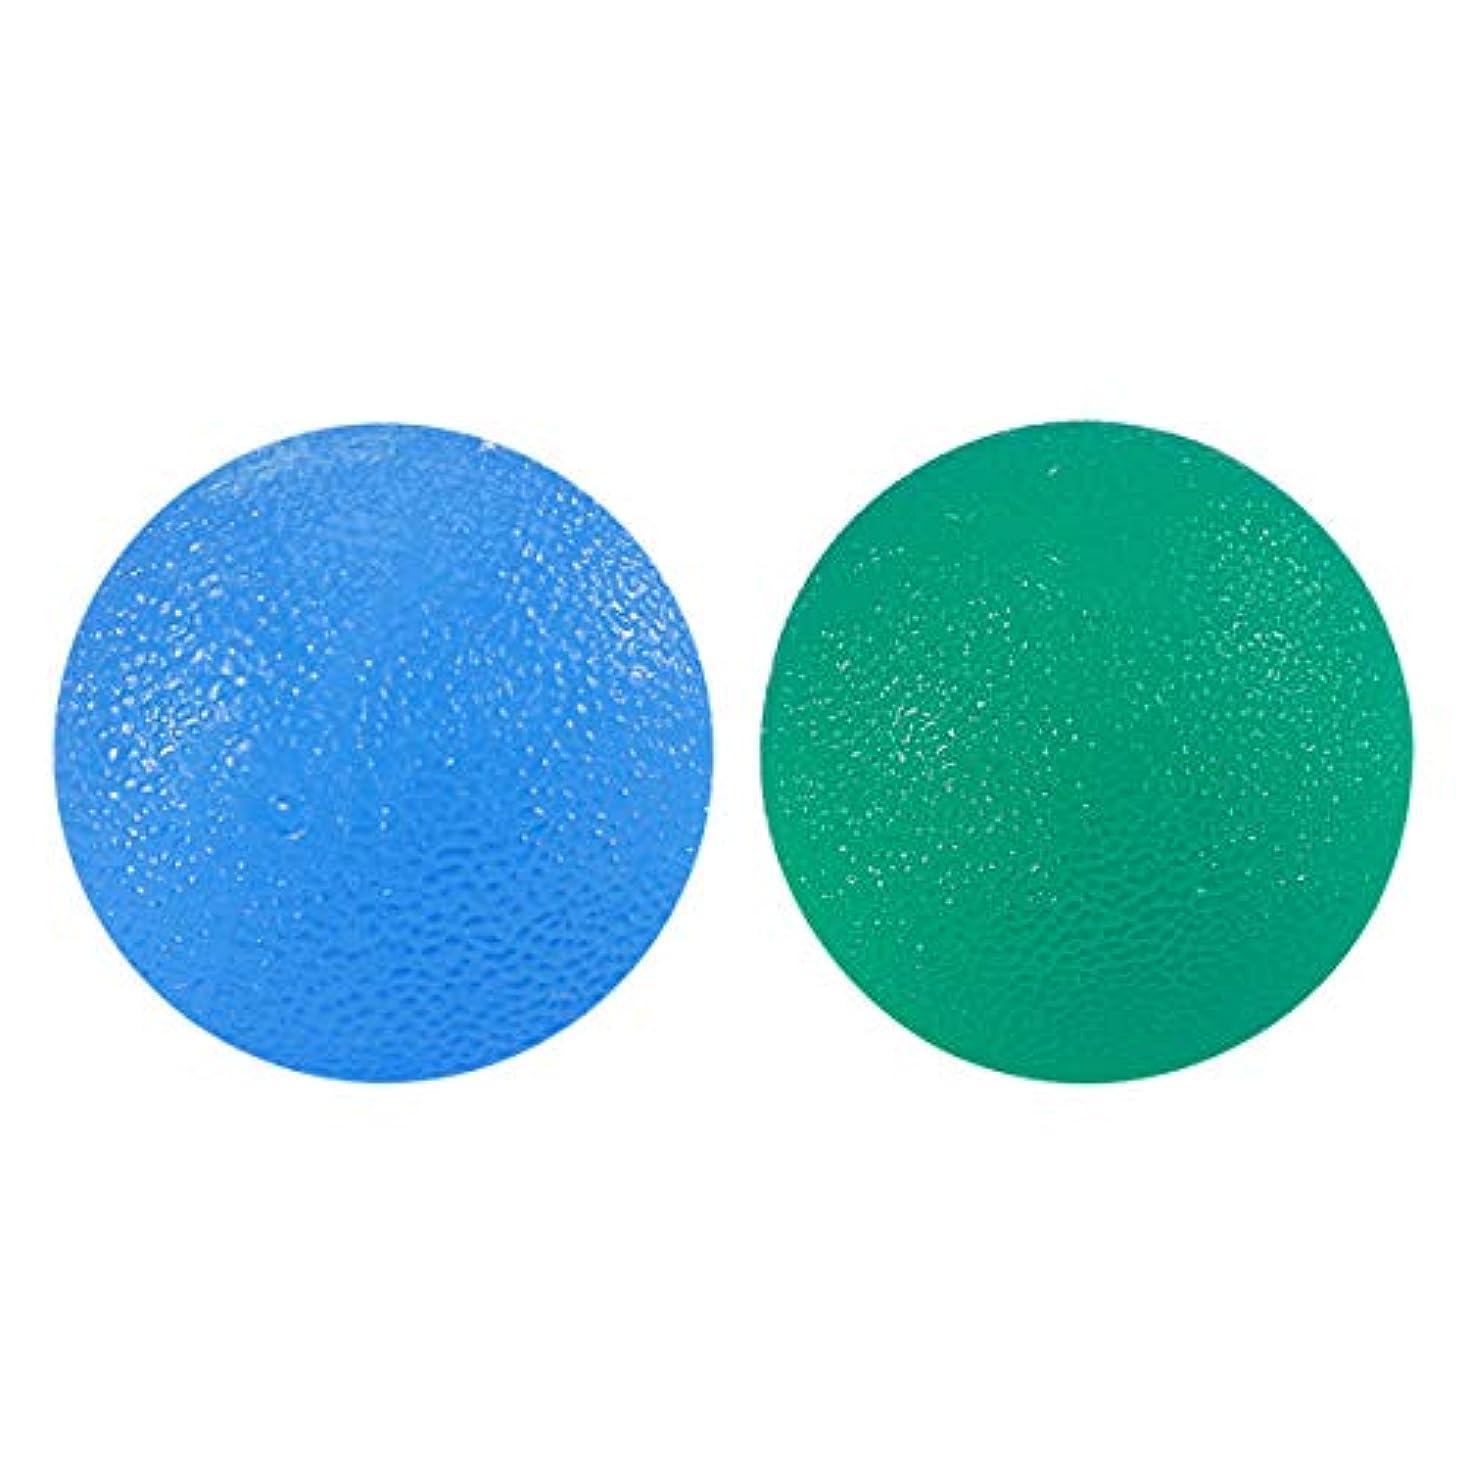 シンプルさ灌漑静けさHEALIFTY 2本の中国の健康運動マッサージボールのストレスは、手の運動(緑と青)